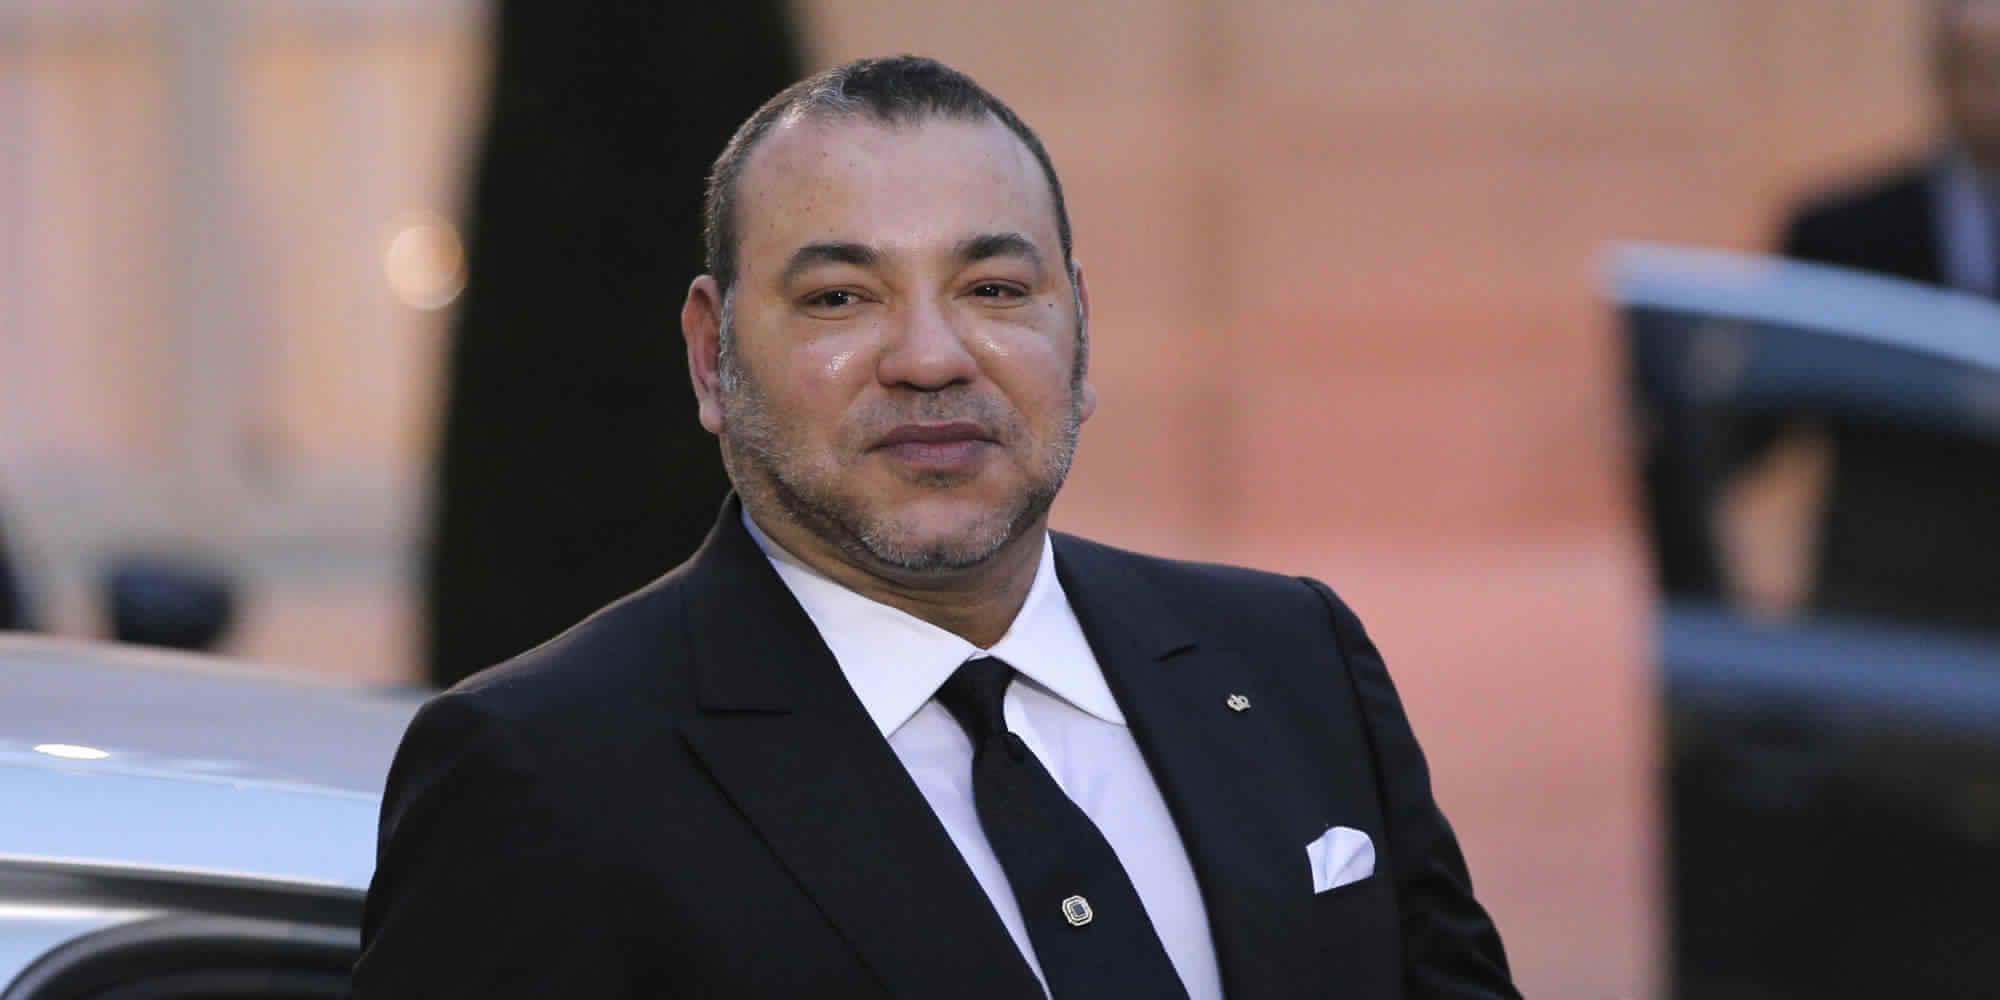 جلالة الملك يوجه رسالة سامية إلى المشاركين في أشغال الملتقى البرلماني الثالث للجهات